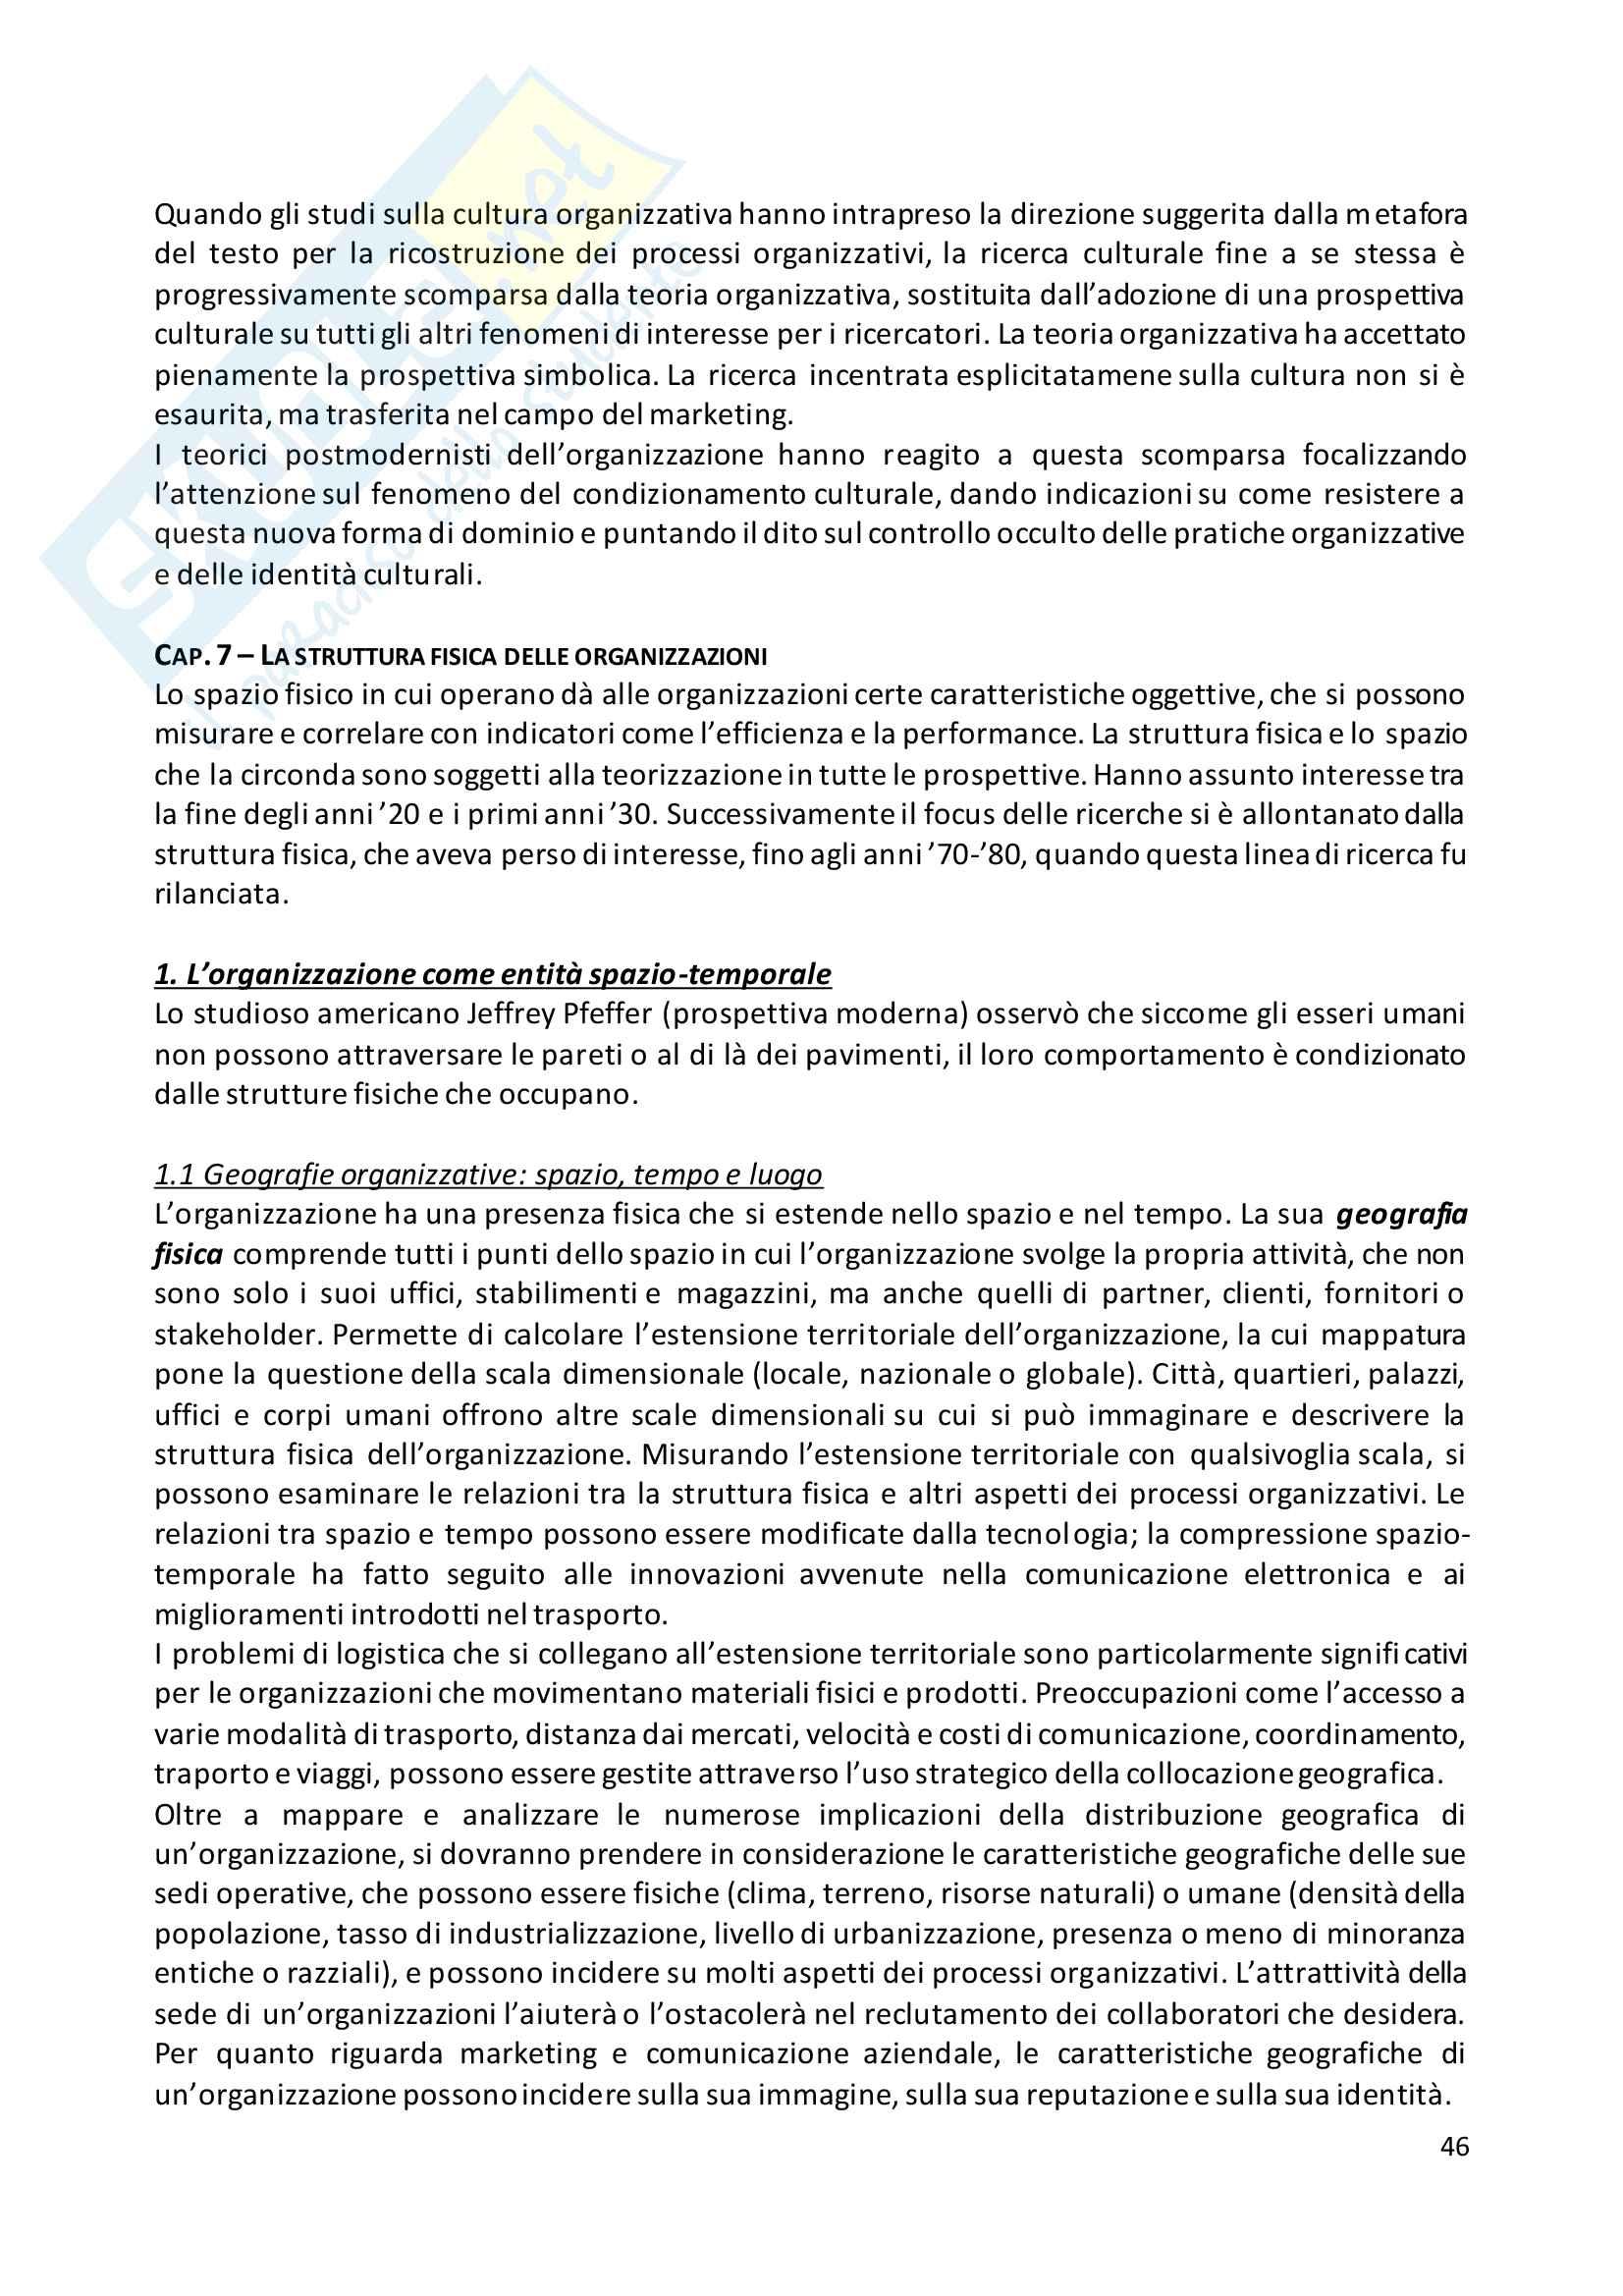 Teoria dell organizzazione - Sociologia Dell'Organizzazione Pag. 46